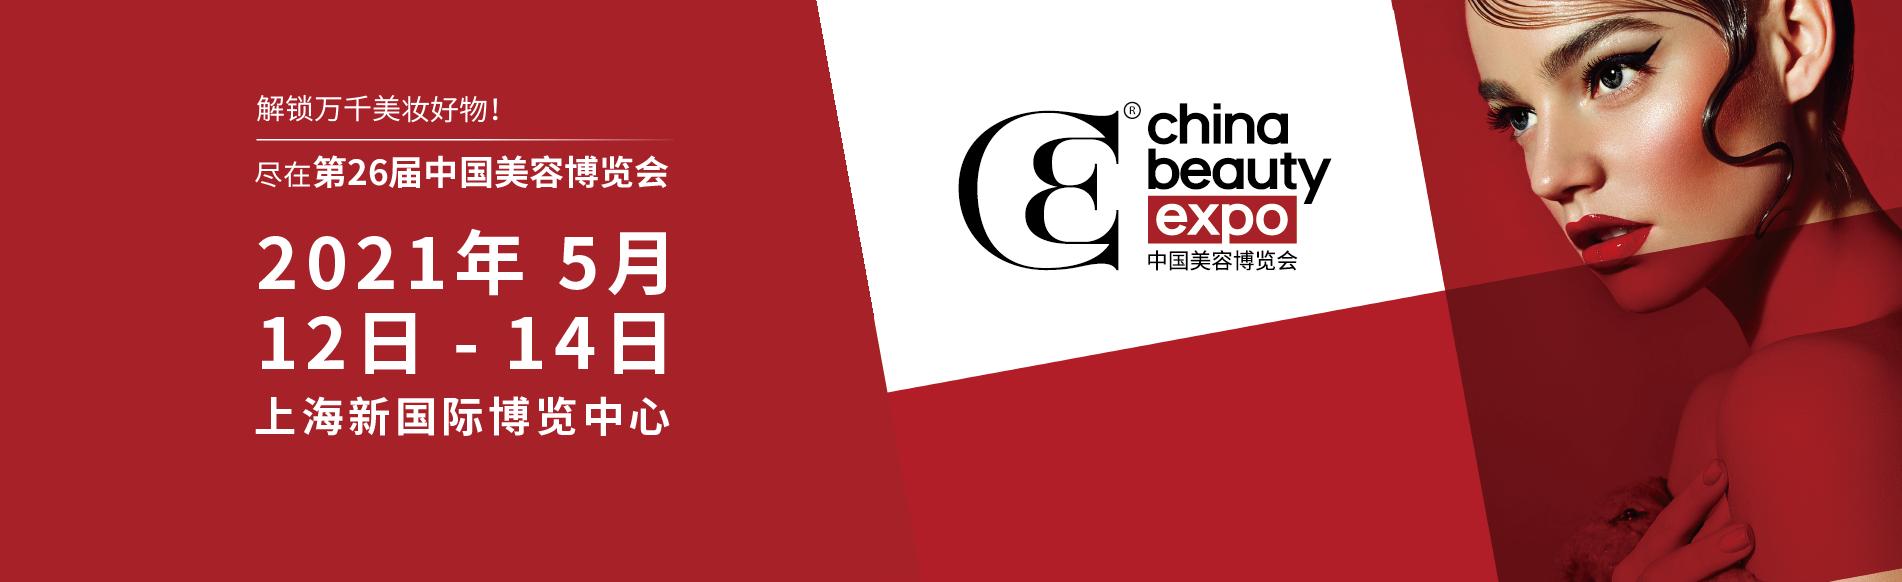 2021上海美博会CBE